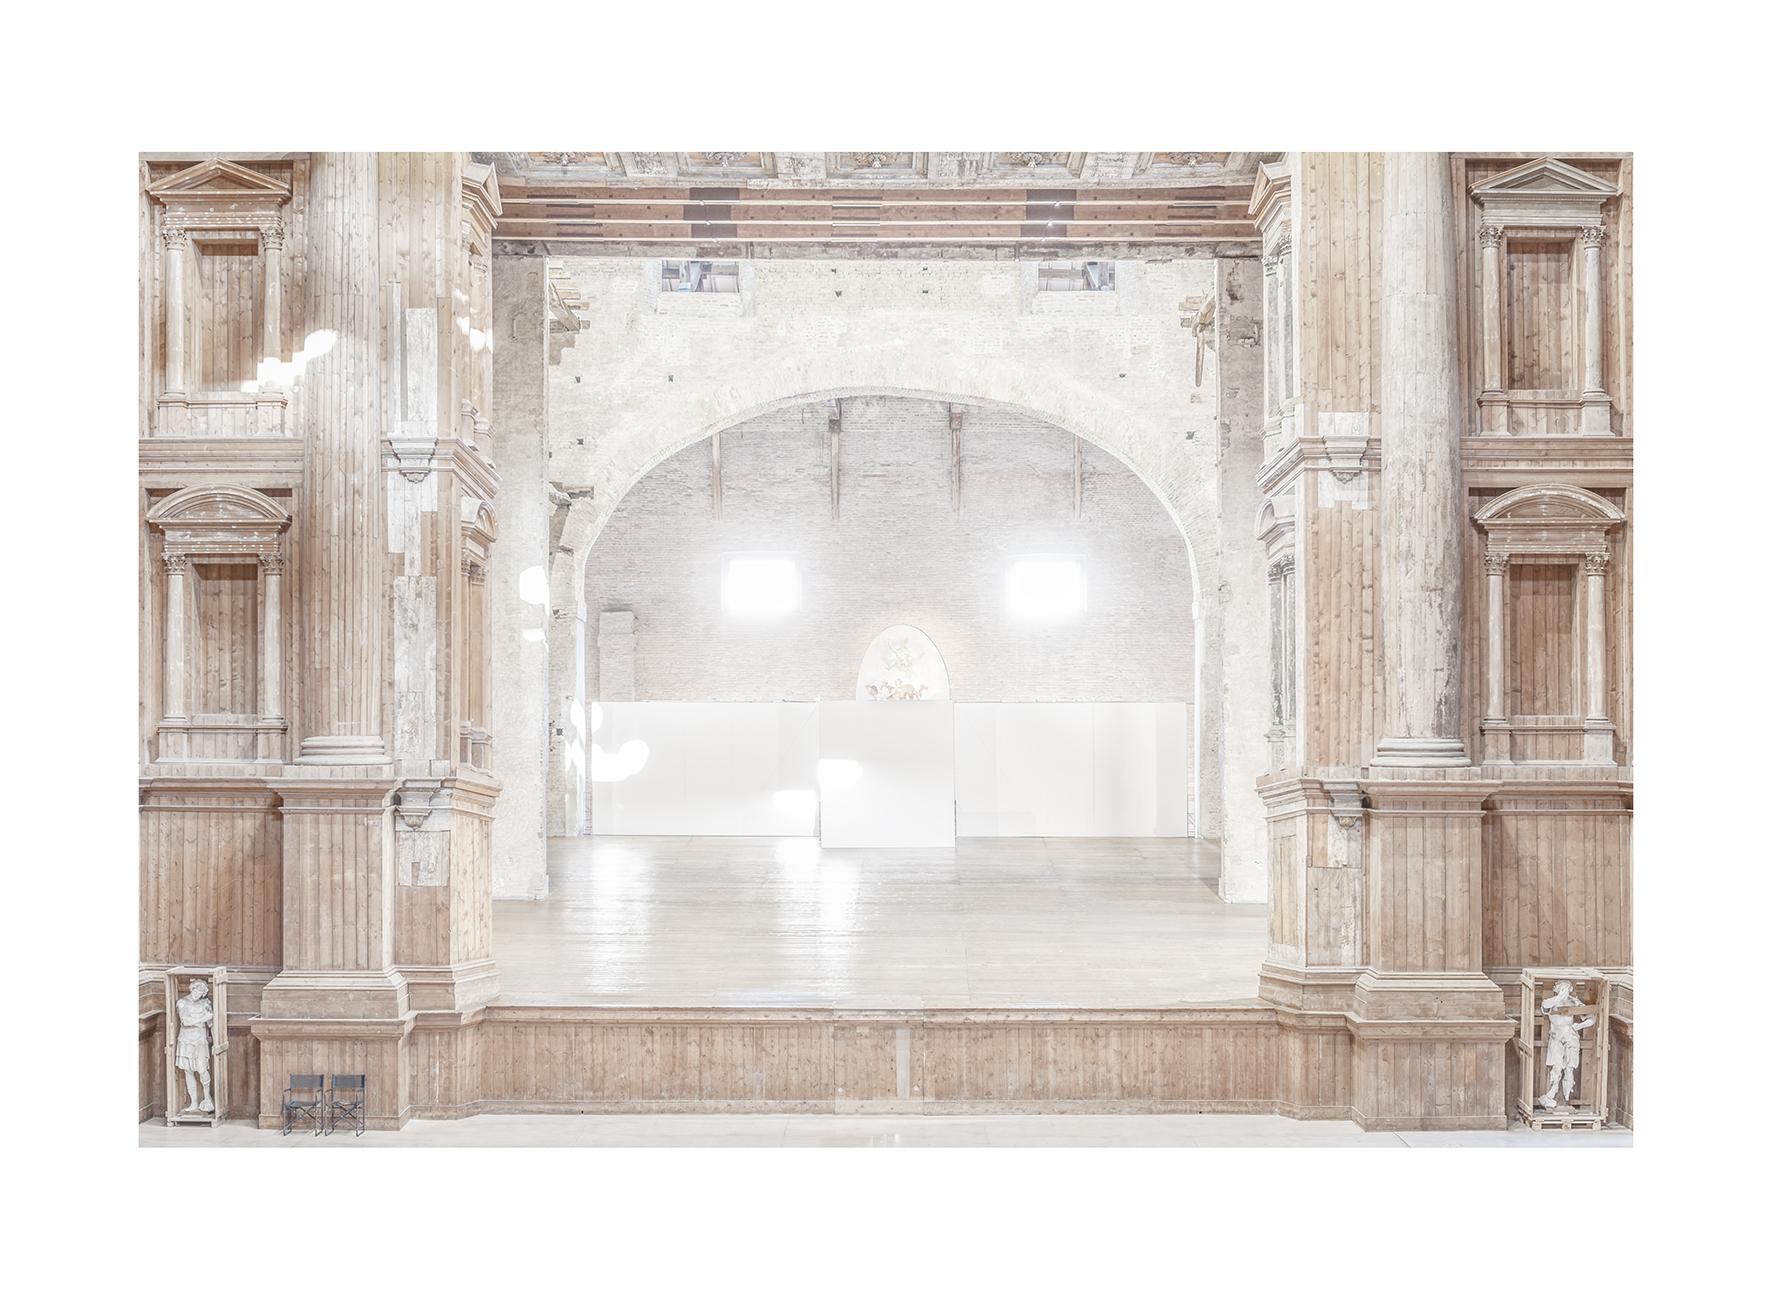 Patrizia Mussa,  Teatro Farnese , 2018, archival pigment print on cotton paper, hand colored, 130 x 100 cm, courtesy Patrizia Mussa